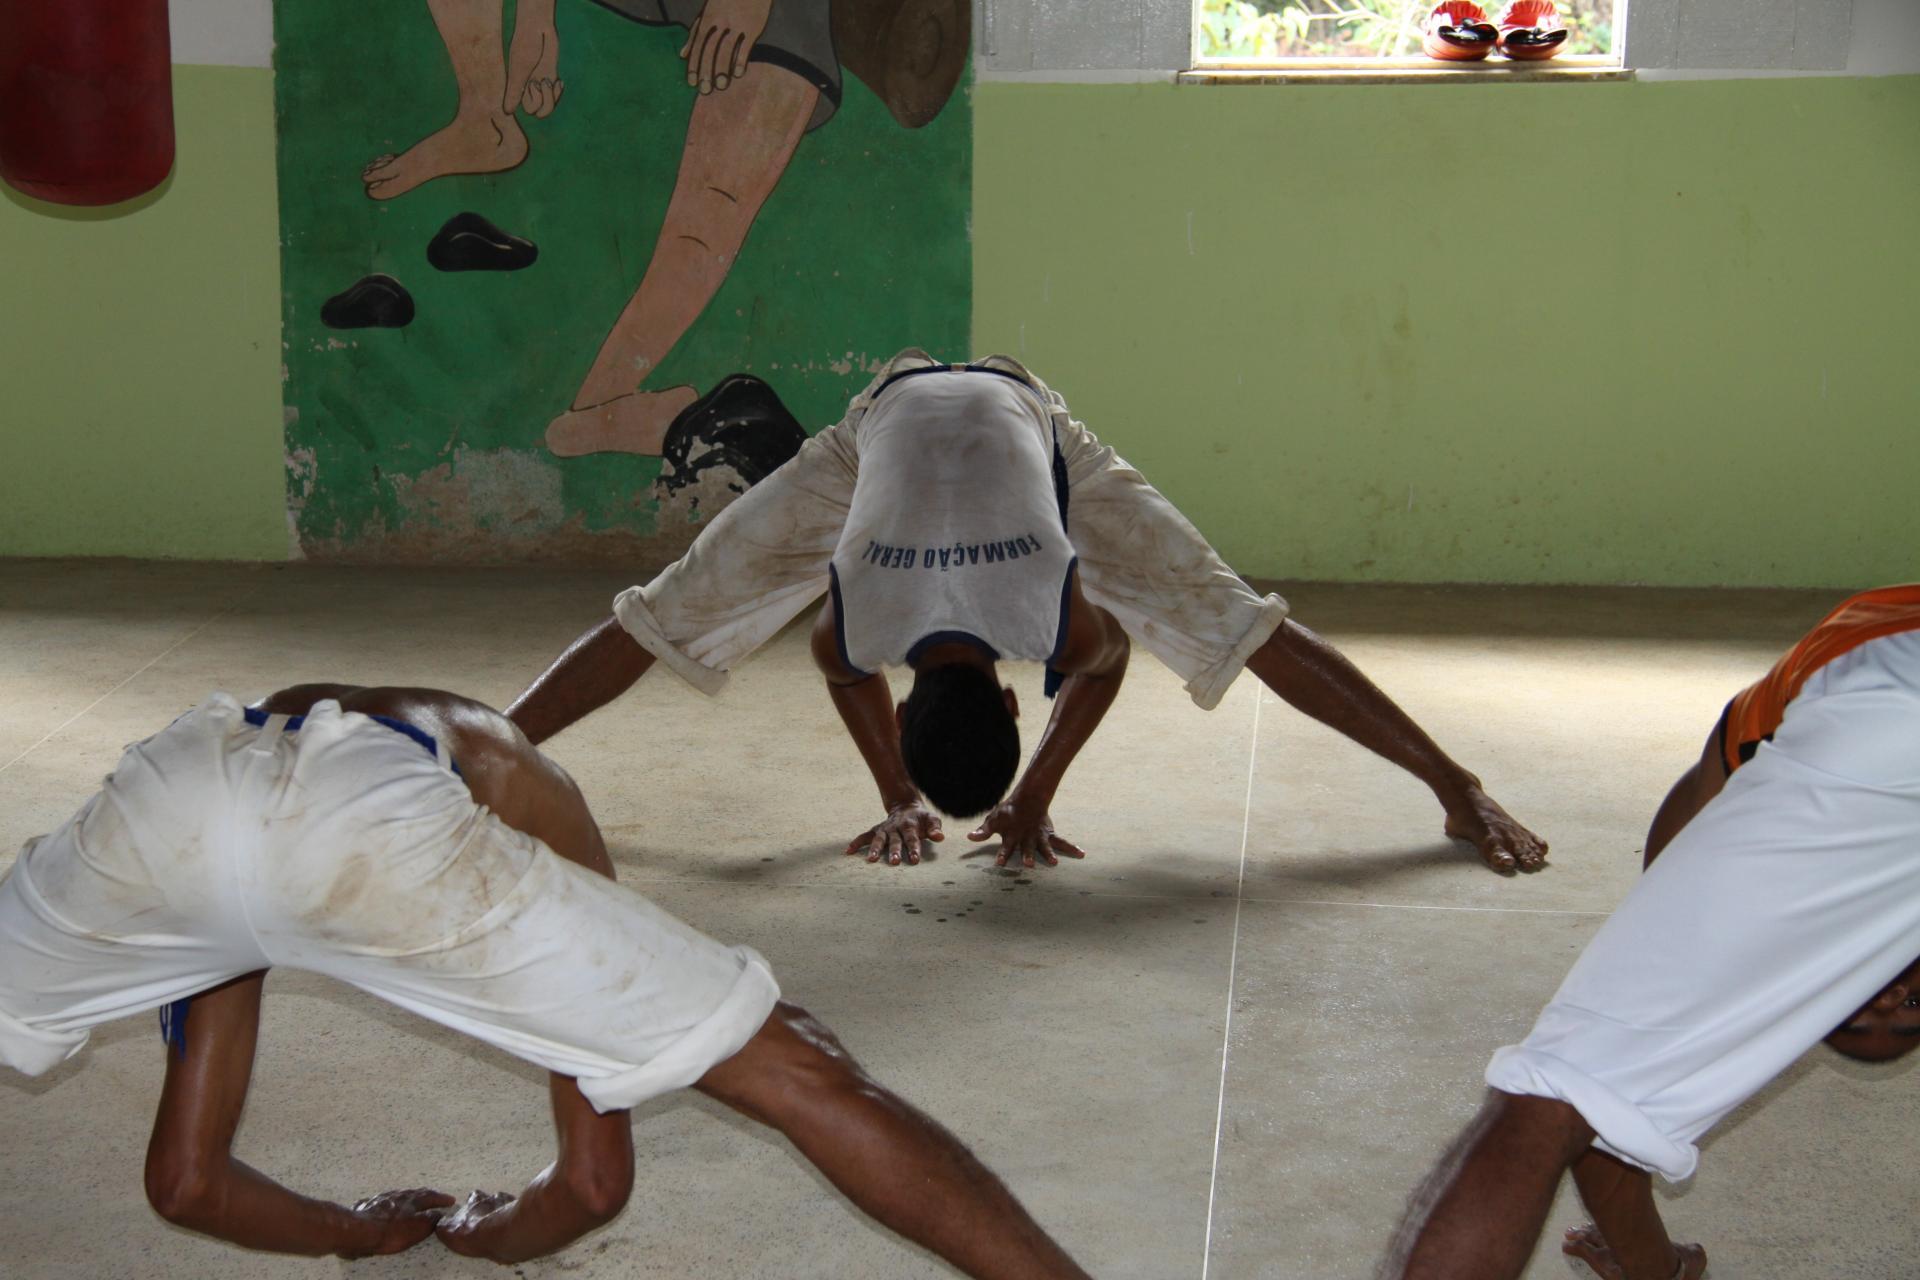 Drei Capoeiratänzer in Aktion